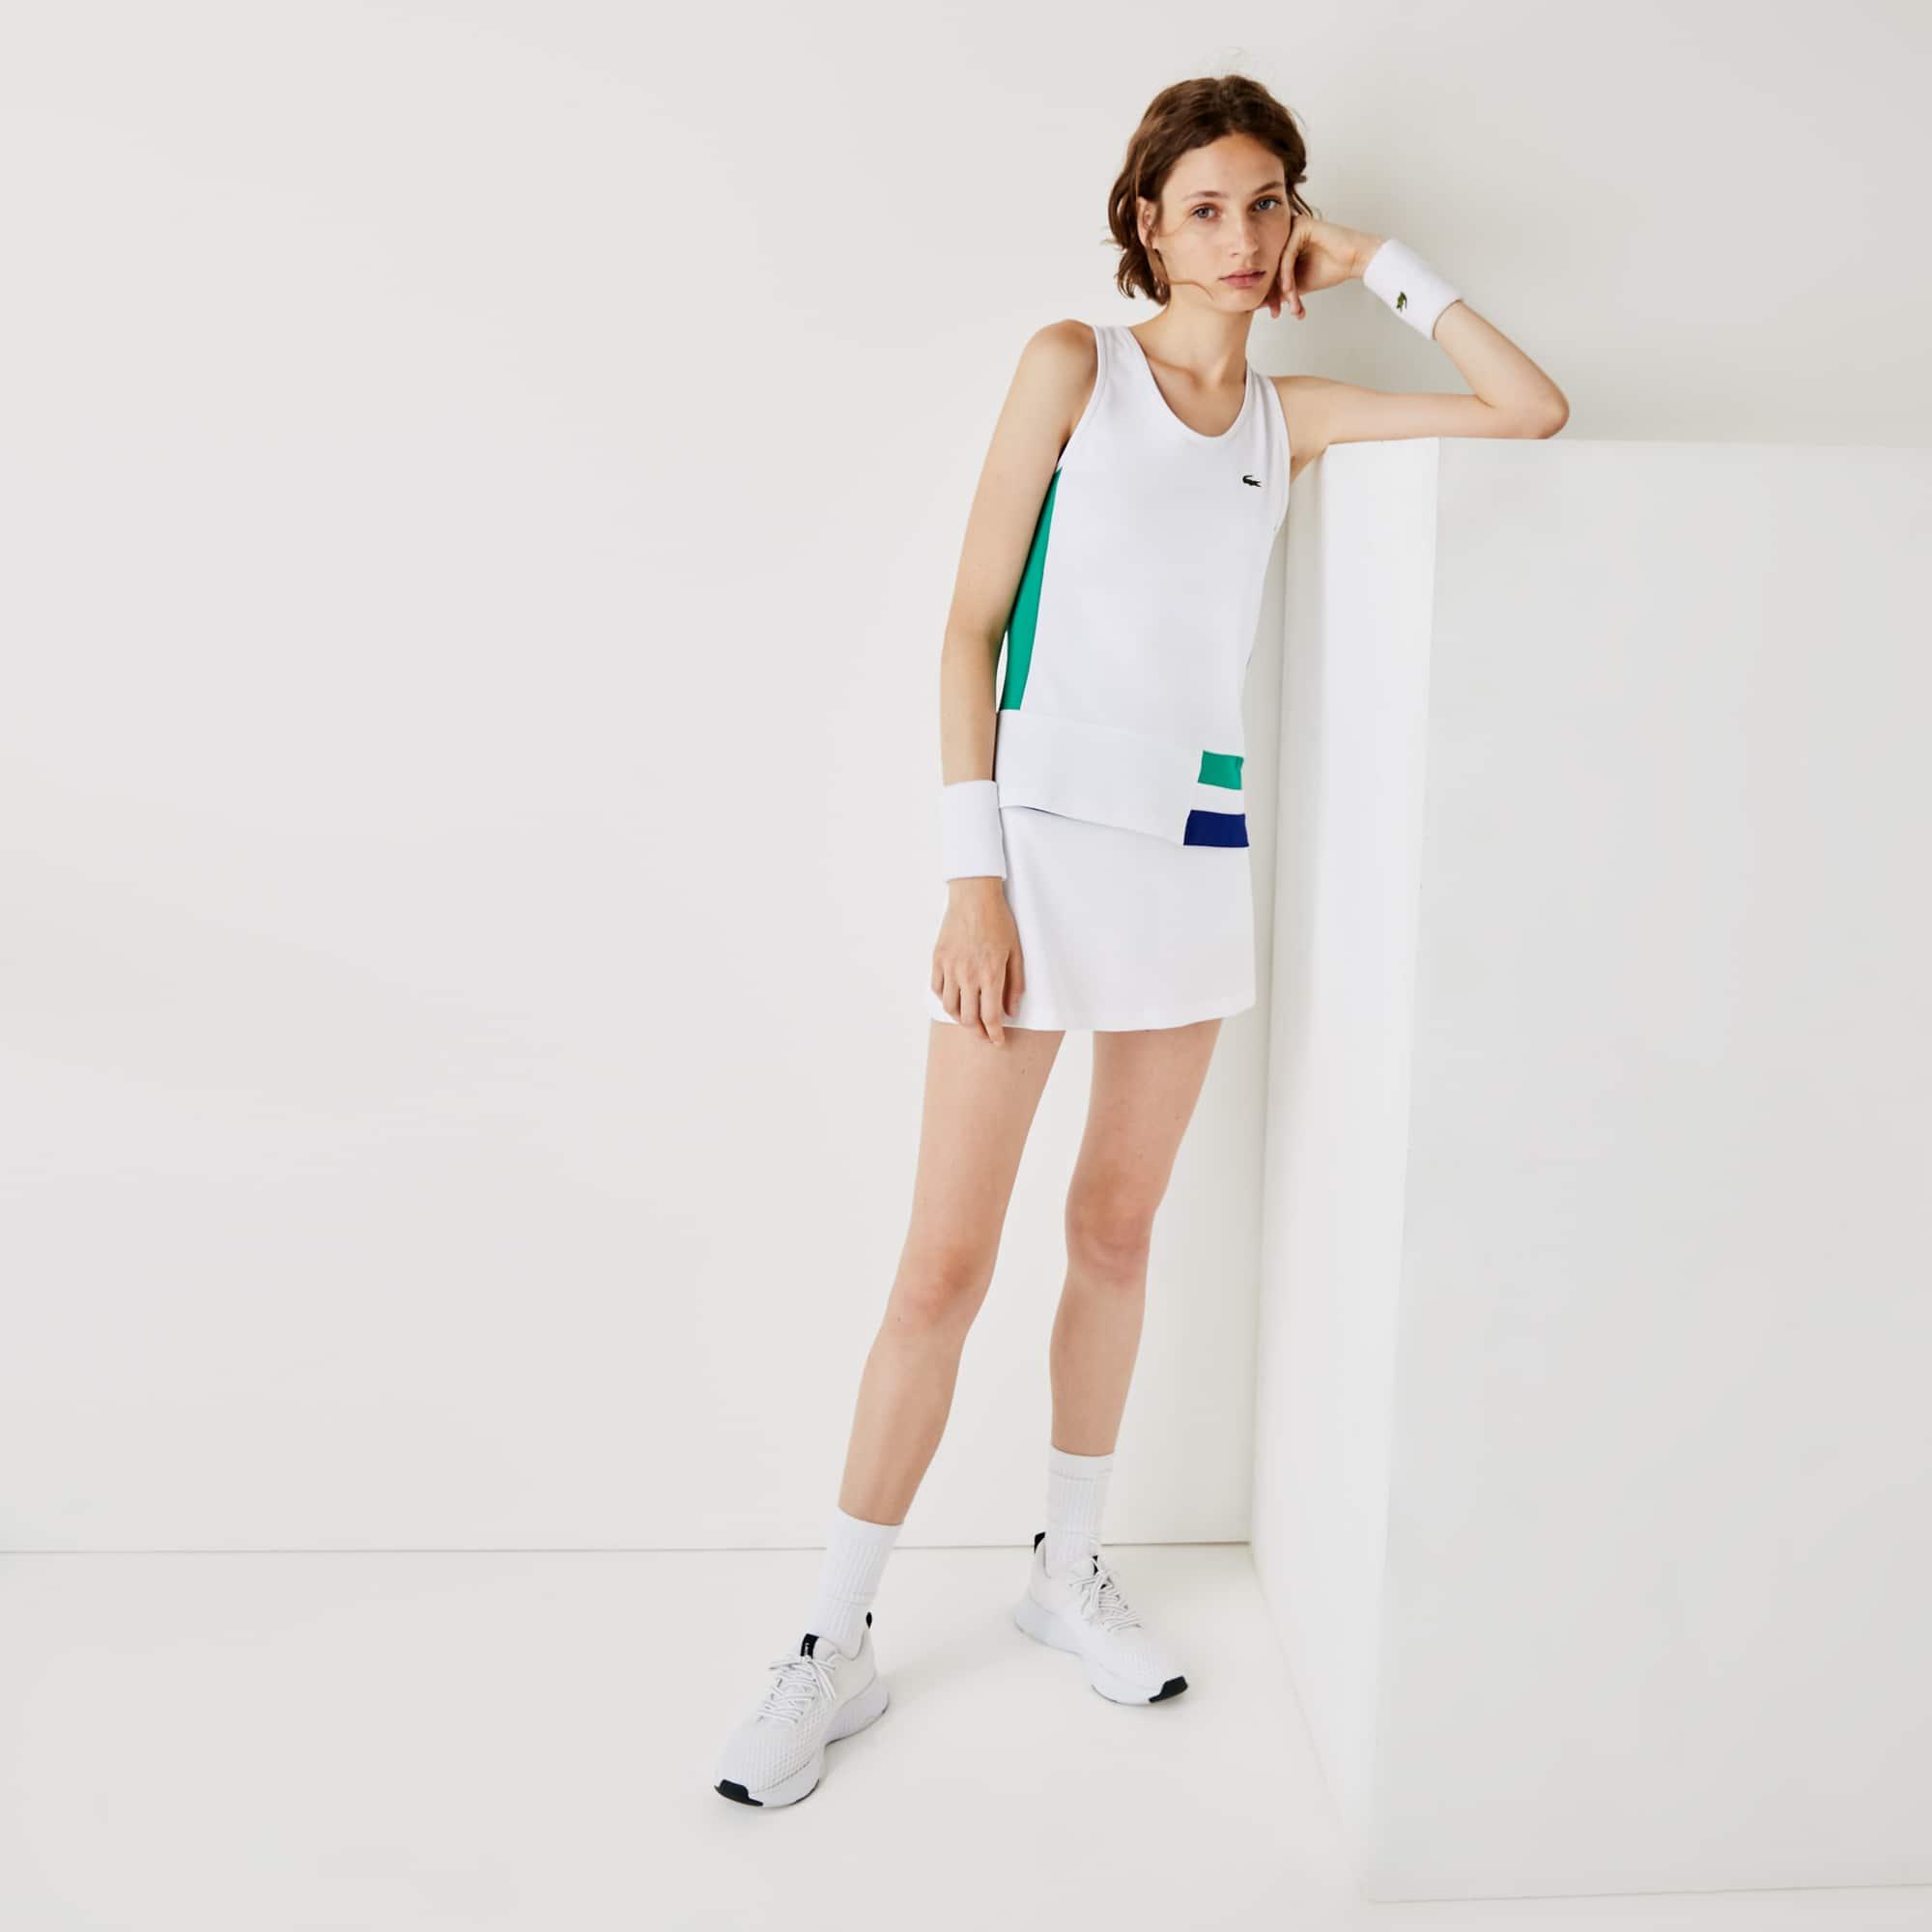 라코스테 스포츠 테니스 컬러블록 스트레치 탱크탑 Womens Lacoste SPORT Colourblock Stretch Tennis Tank Top